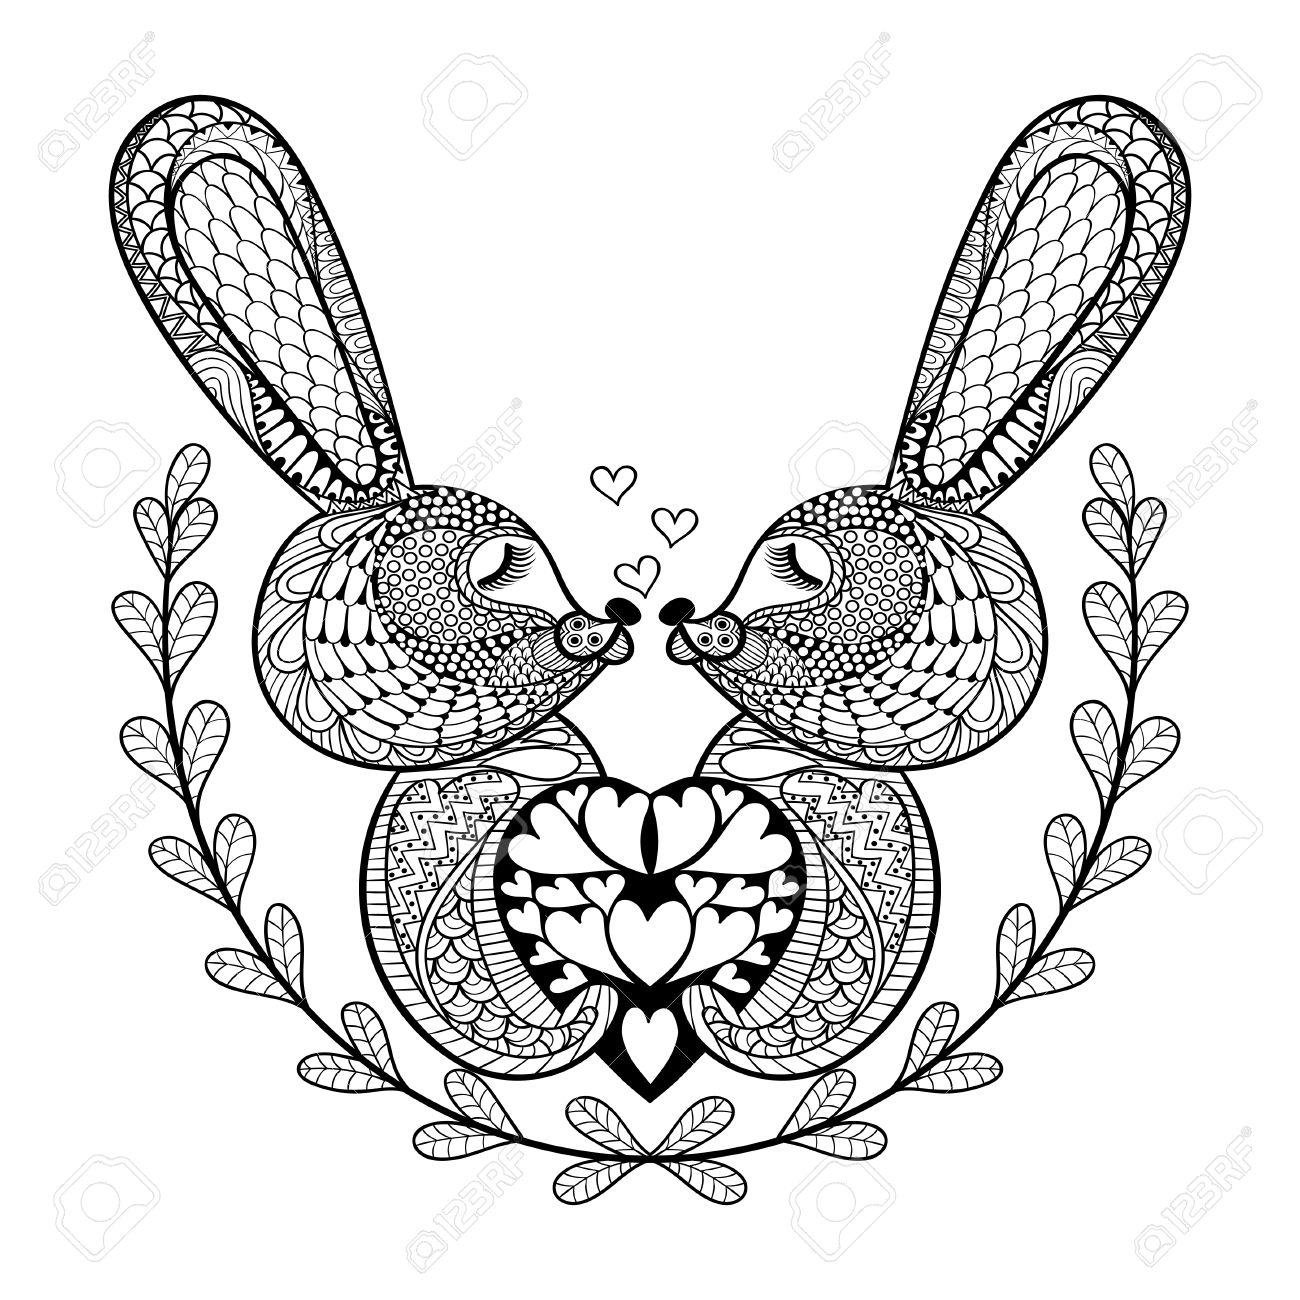 Hand Gezeichnet Schöne Kaninchen Für St. Valentinstag In Doodle ...